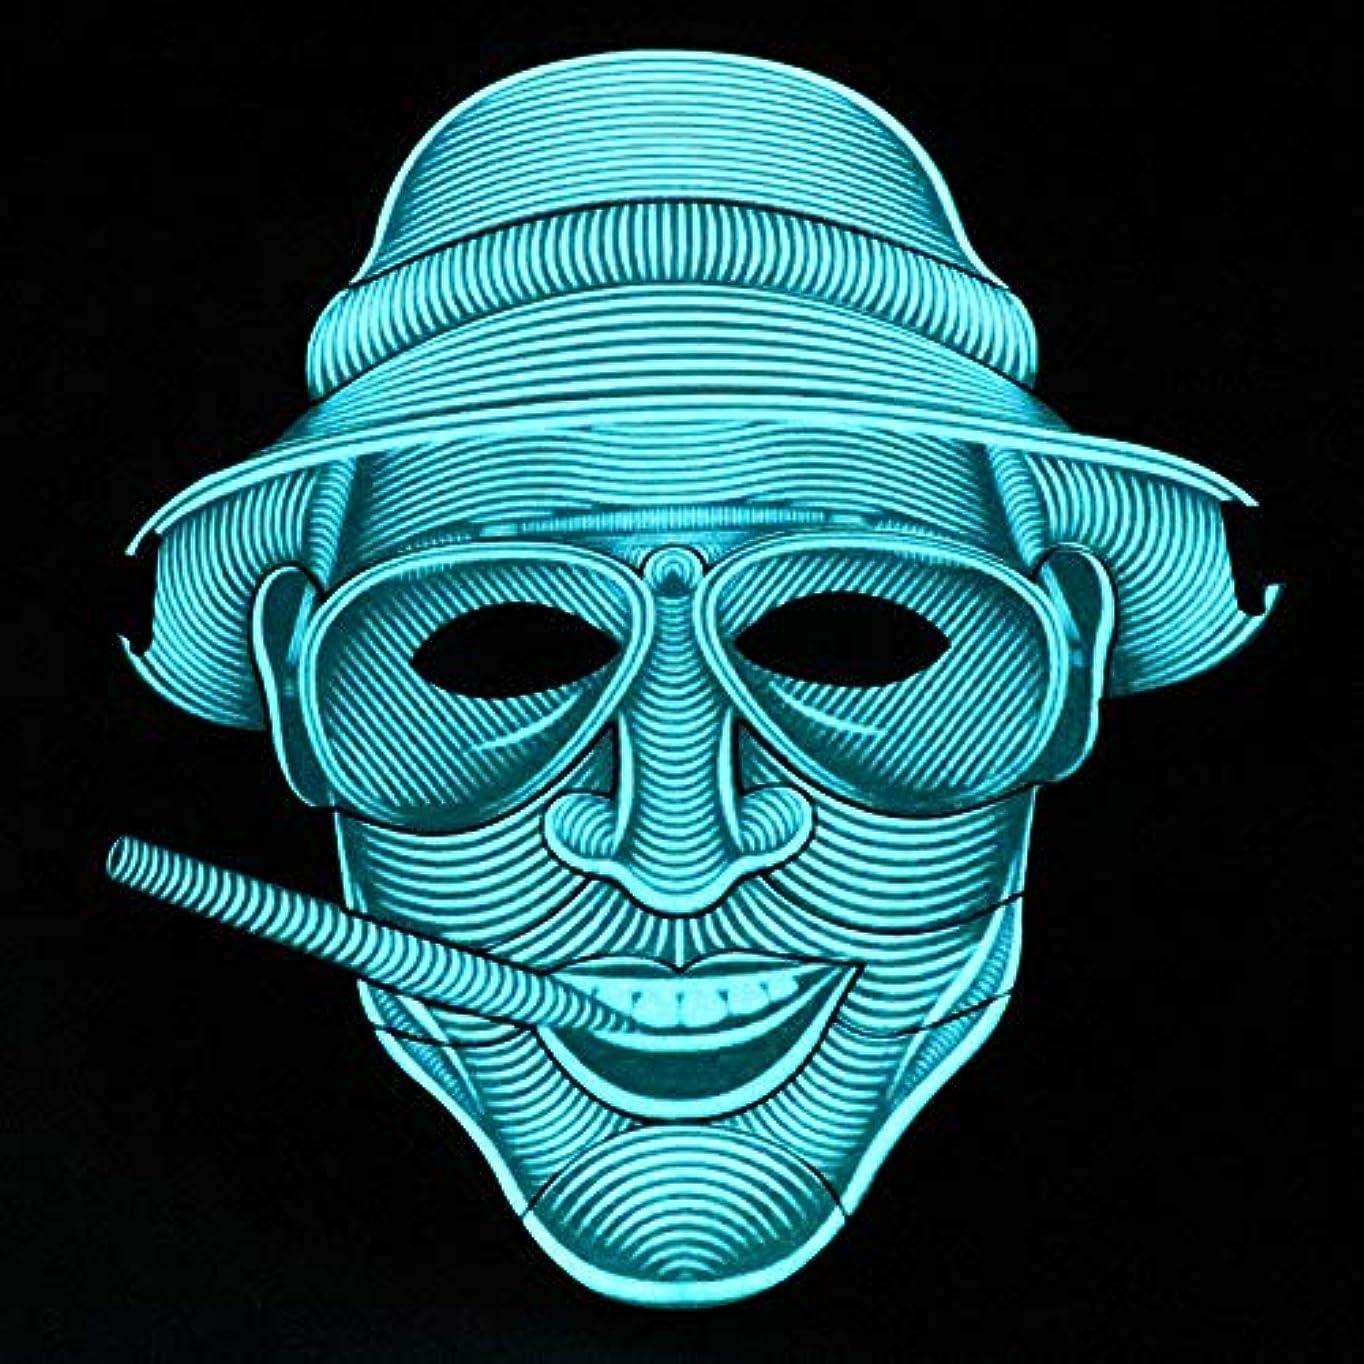 偉業いま一方、照らされたマスクLED創造的な冷光音響制御マスクハロウィンバーフェスティバルダンスマスク (Color : #9)